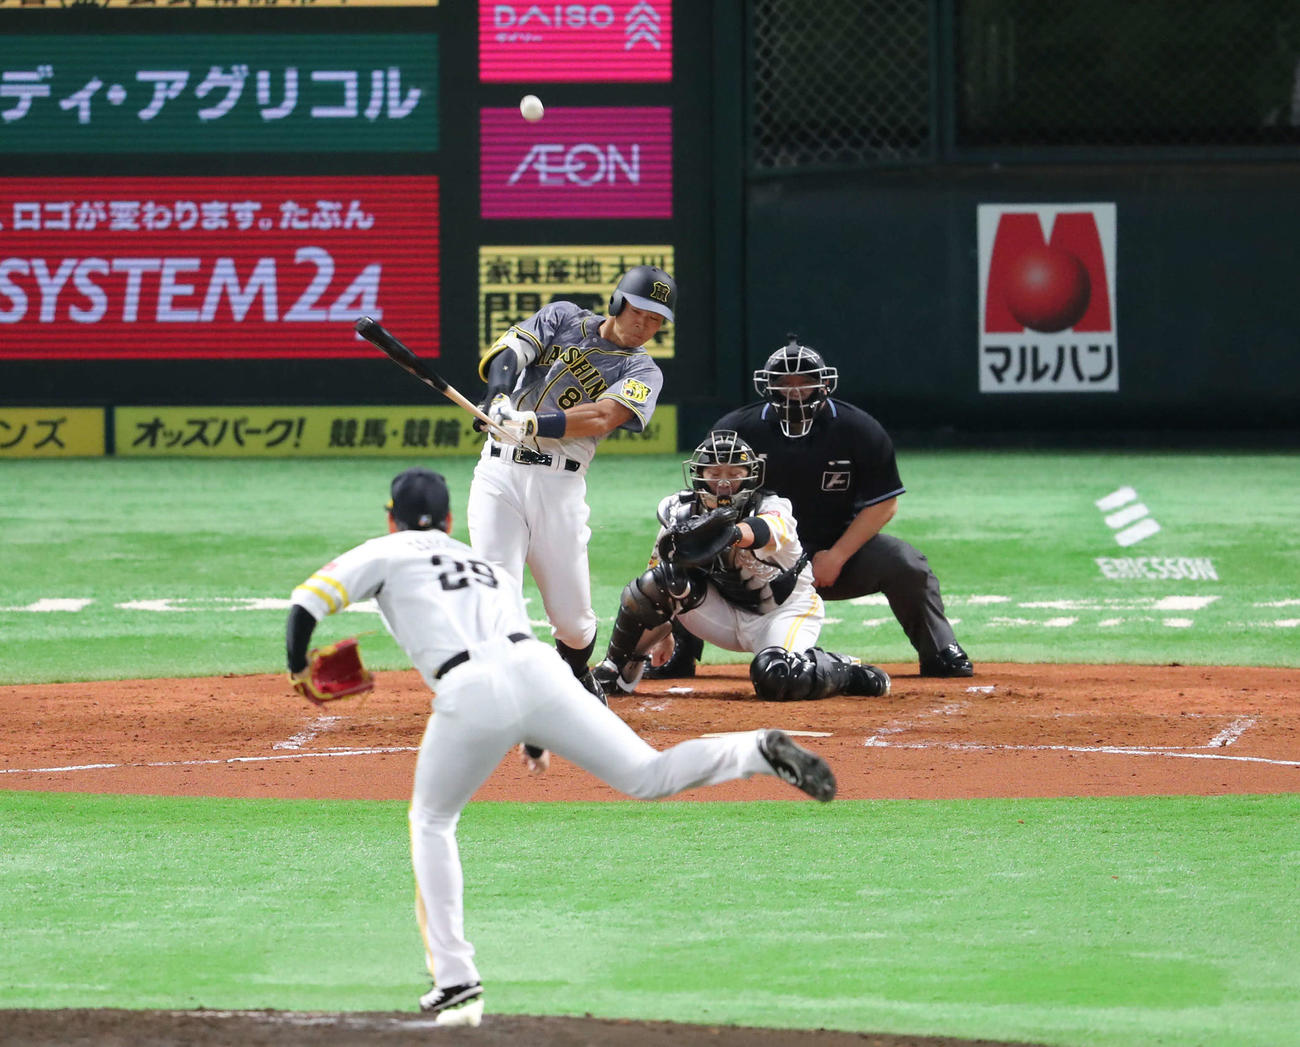 ソフトバンク対阪神 3回表阪神1死三塁、佐藤輝はバットを折られ二飛に終わる(撮影・梅根麻紀)